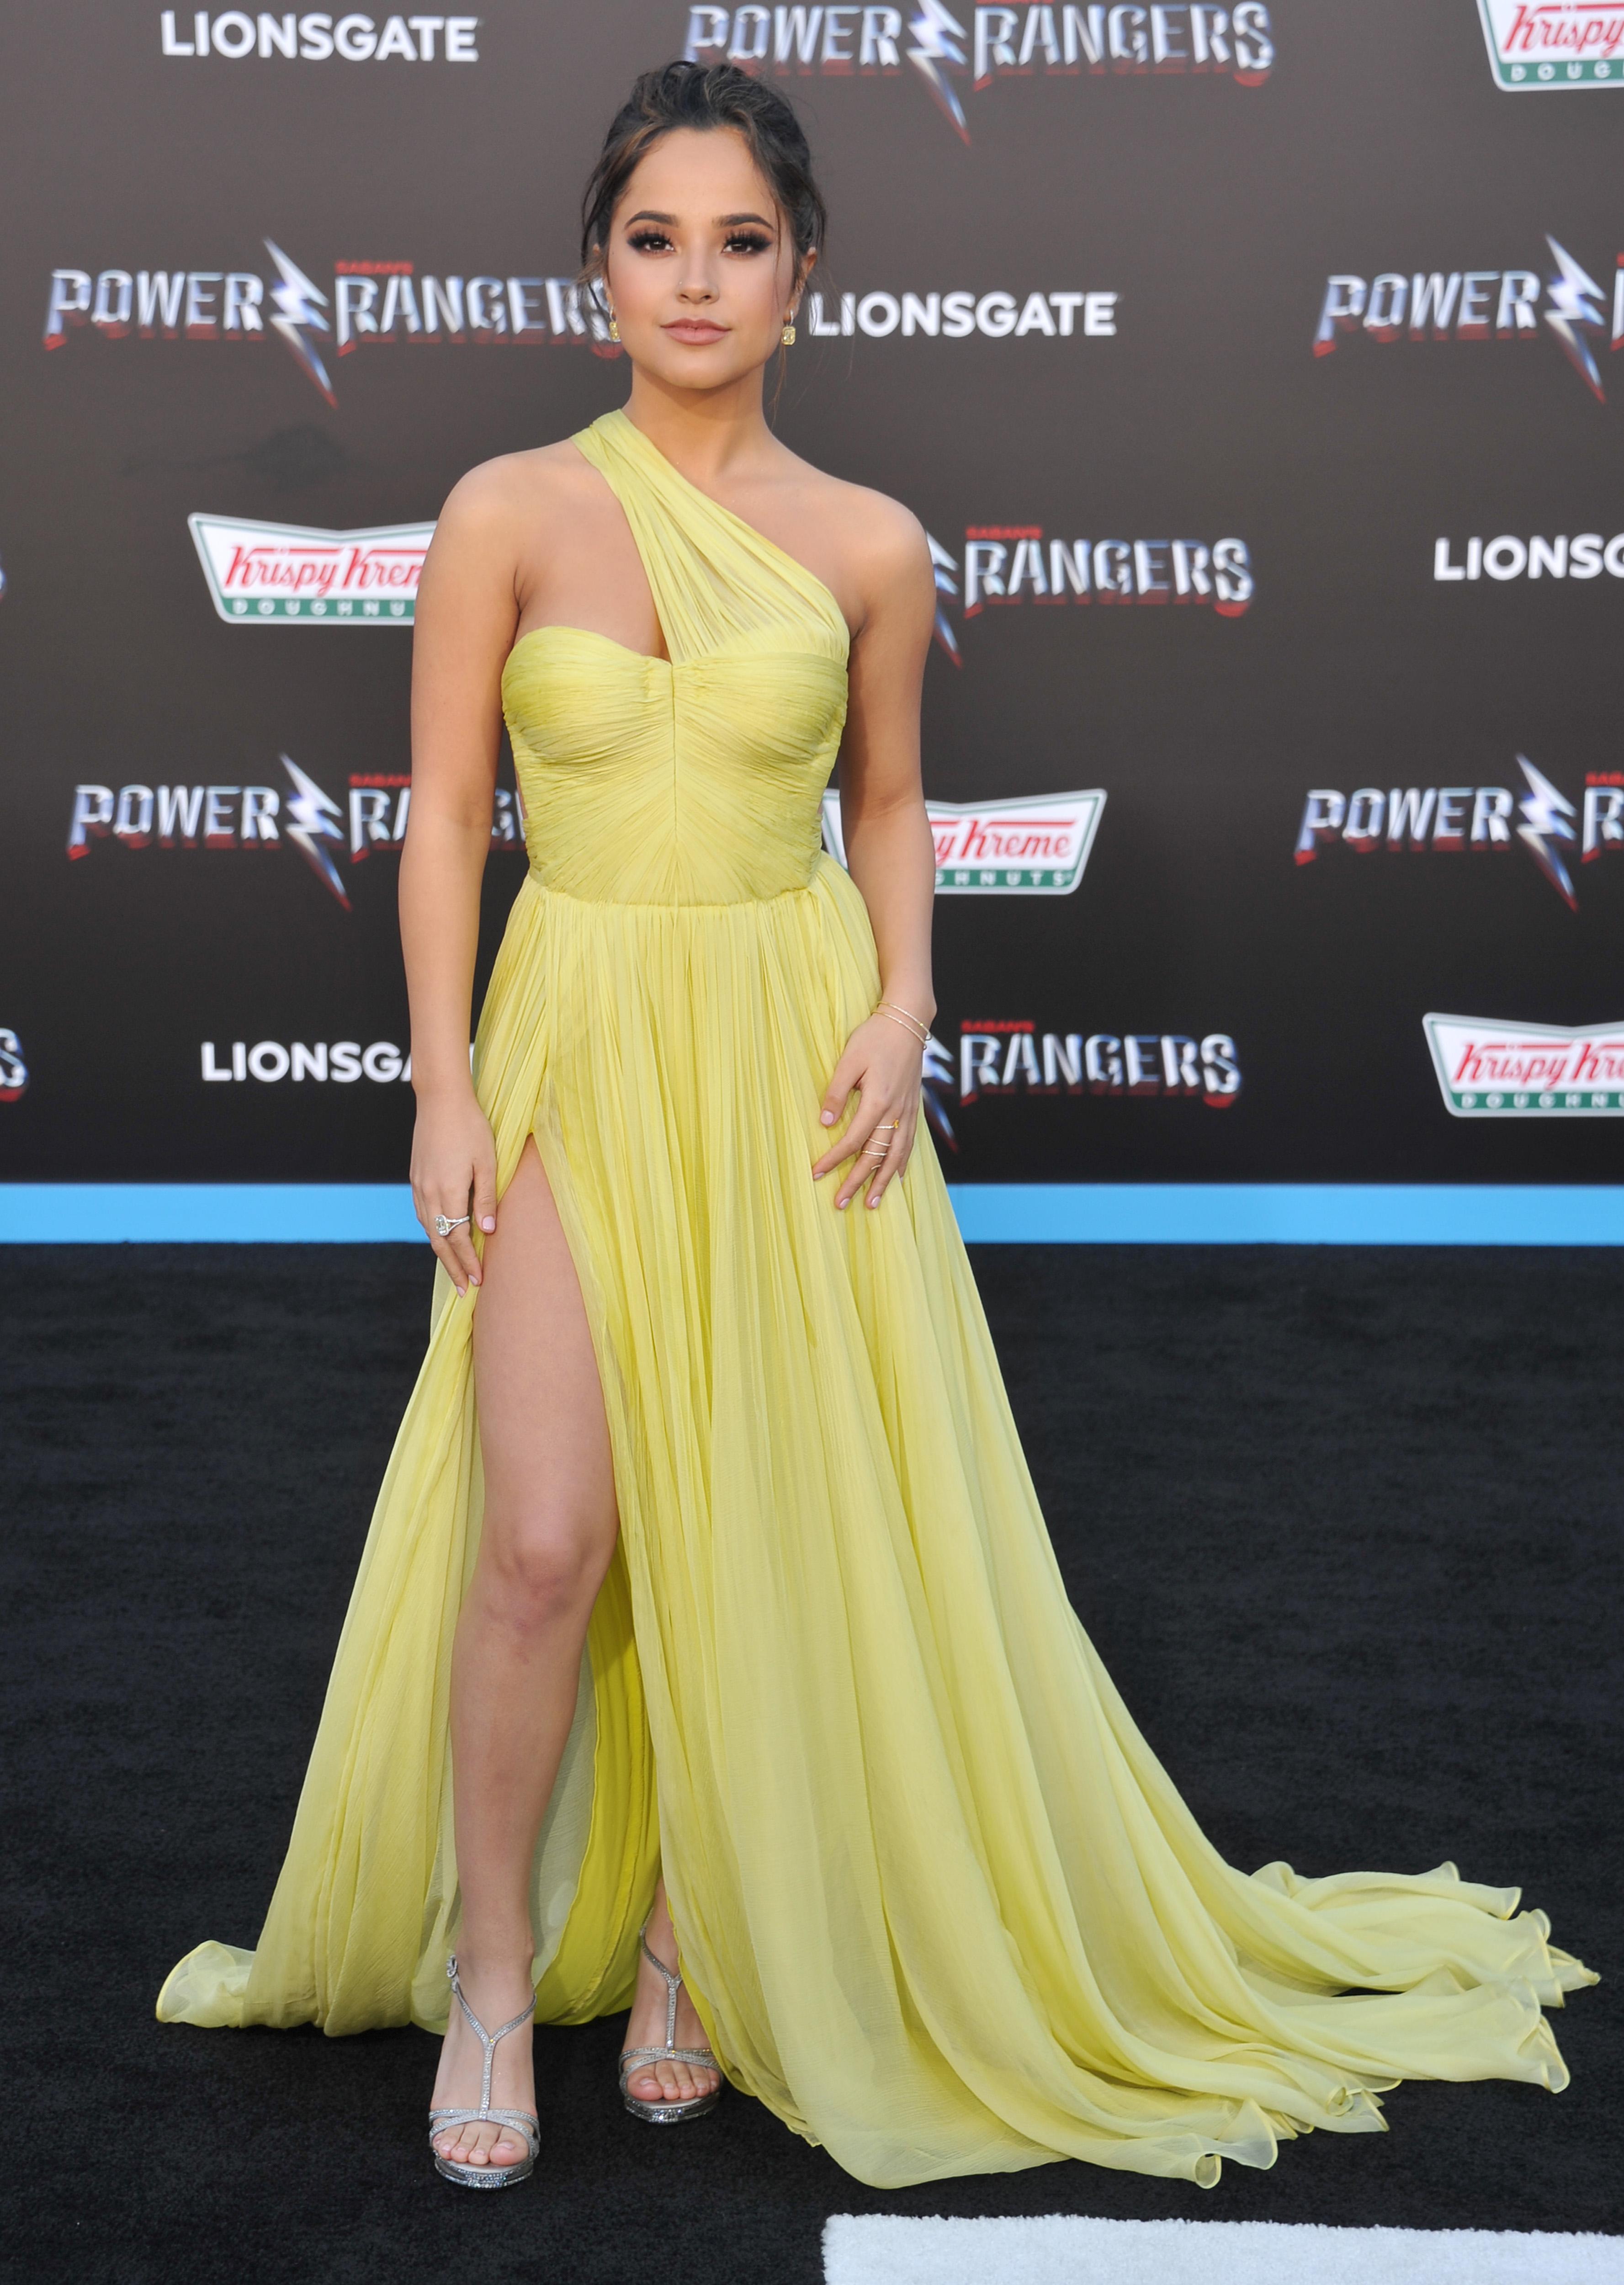 """Premiere Of Lionsgate's """"Power Rangers"""" - Arrivals"""